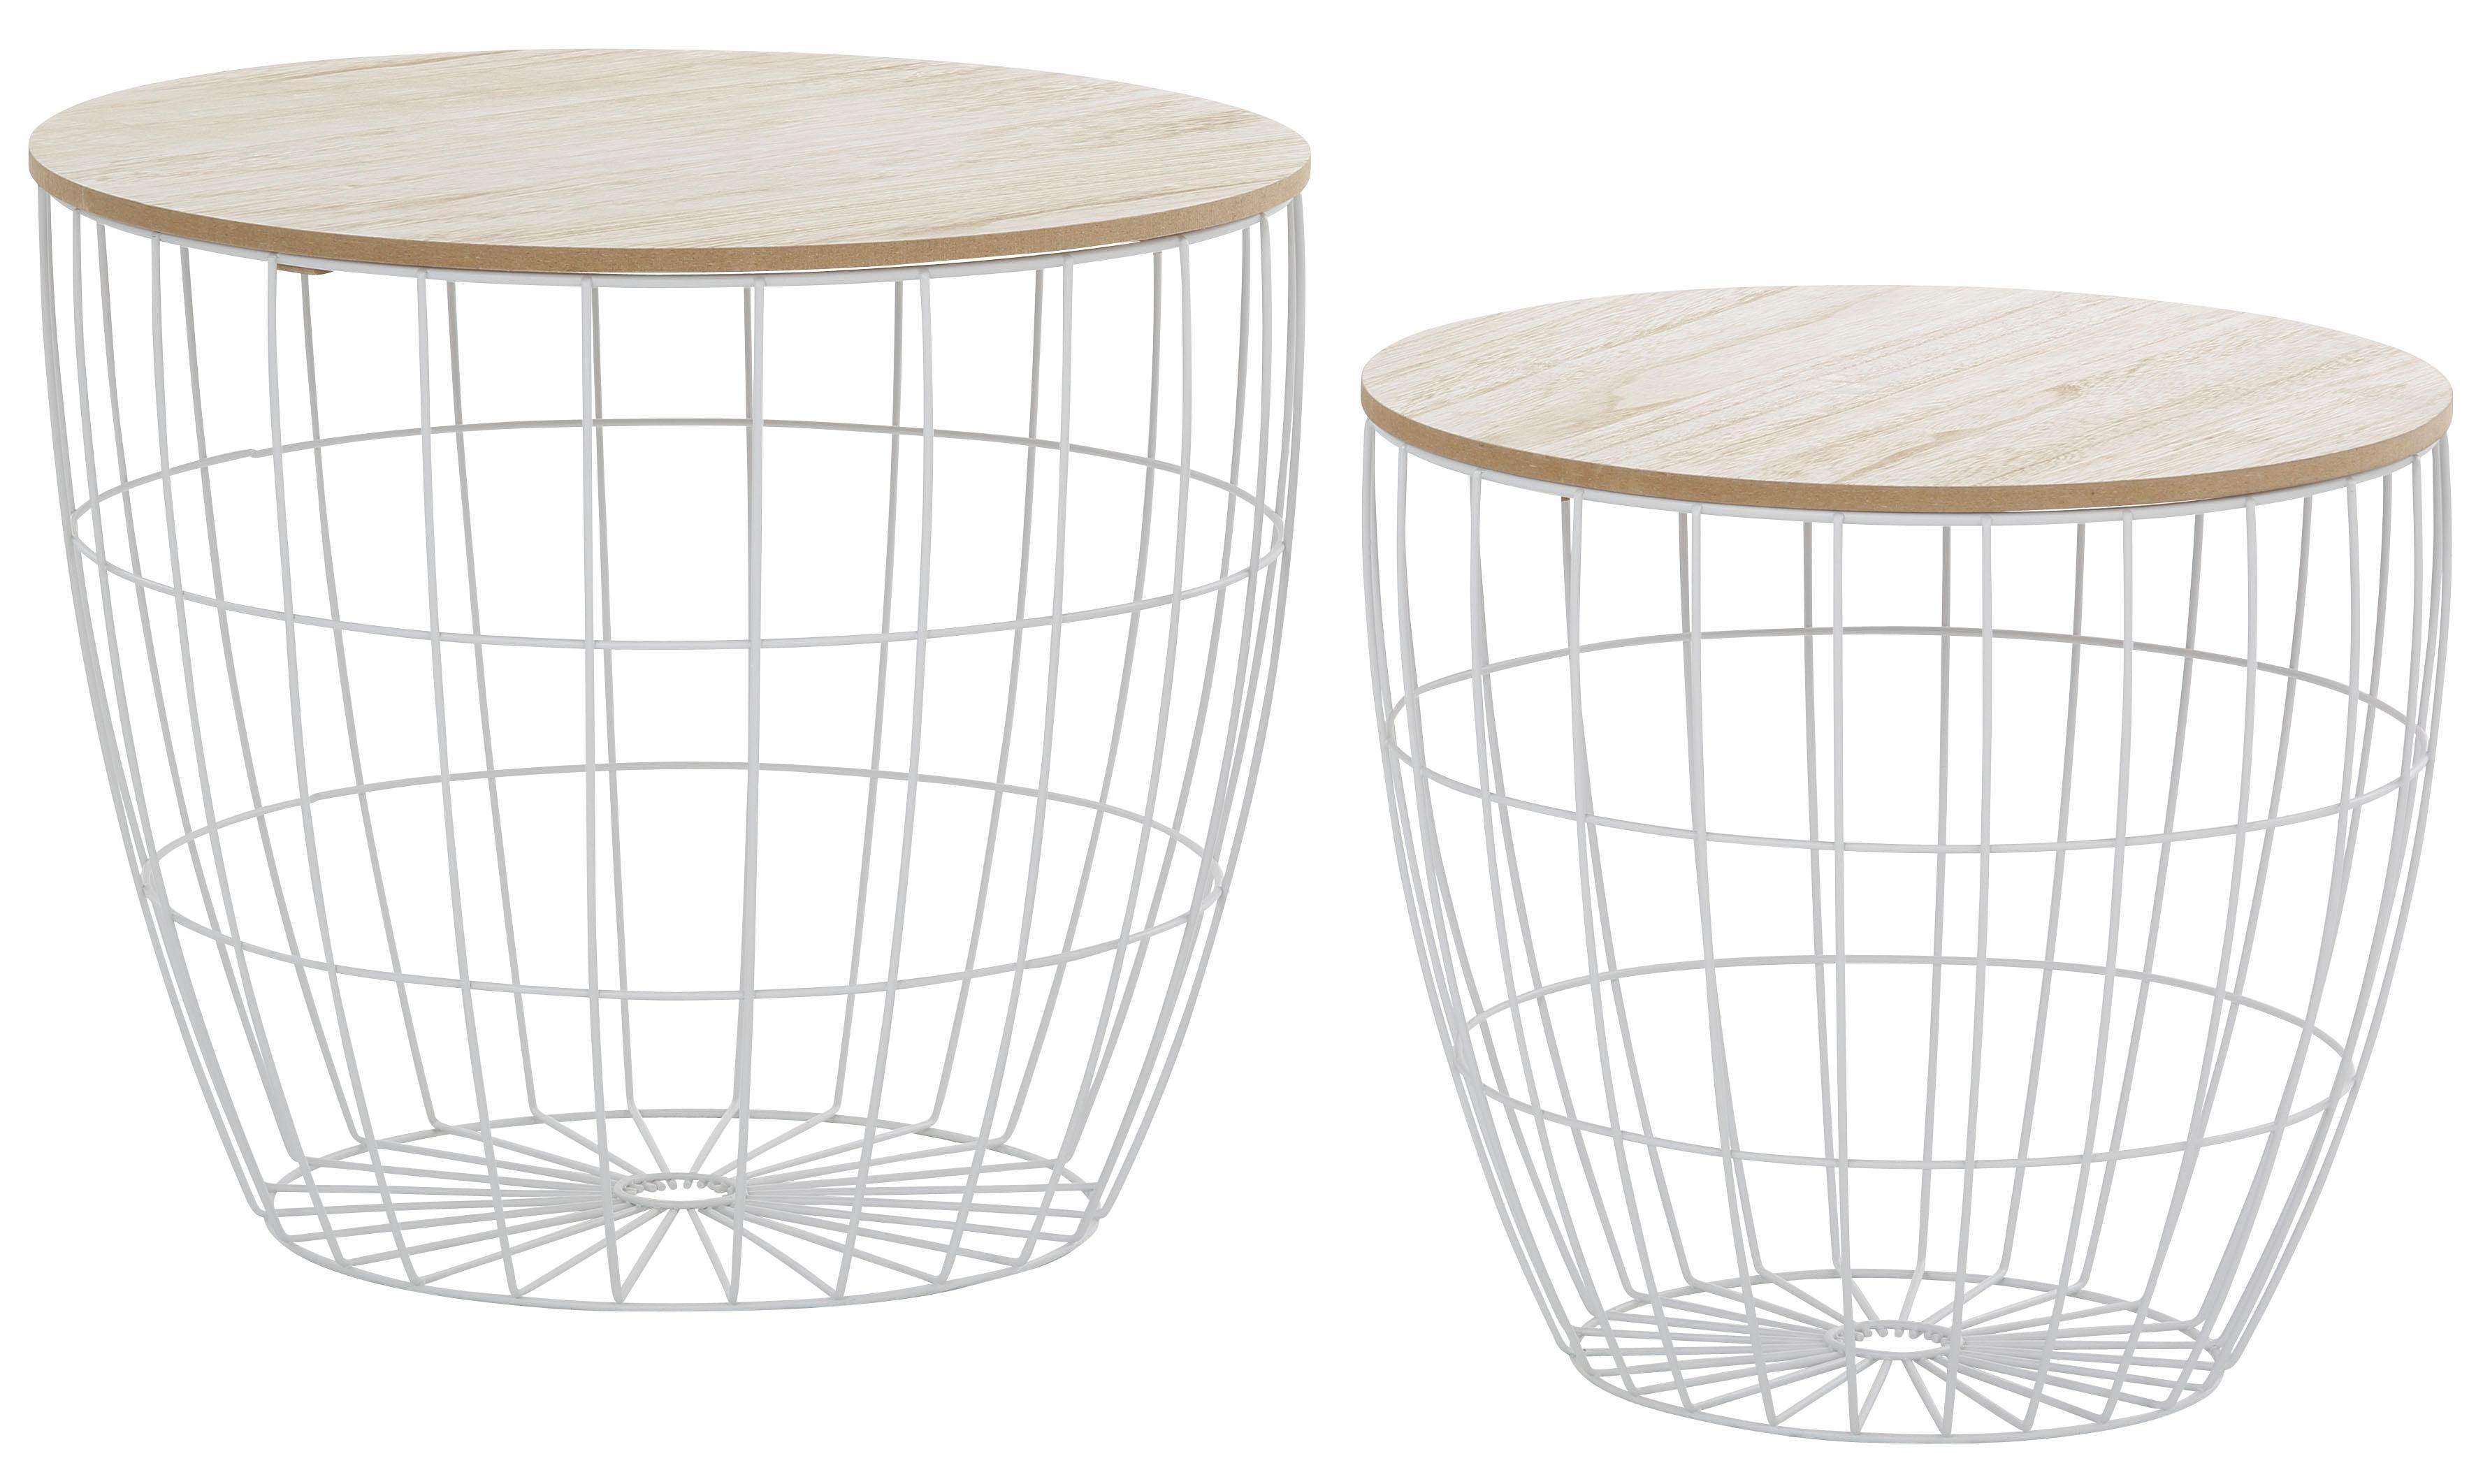 Beistelltisch, (Set, 2 St.), mit abnehmbarer Tischplatte weiß Beistelltische Tische Beistelltisch